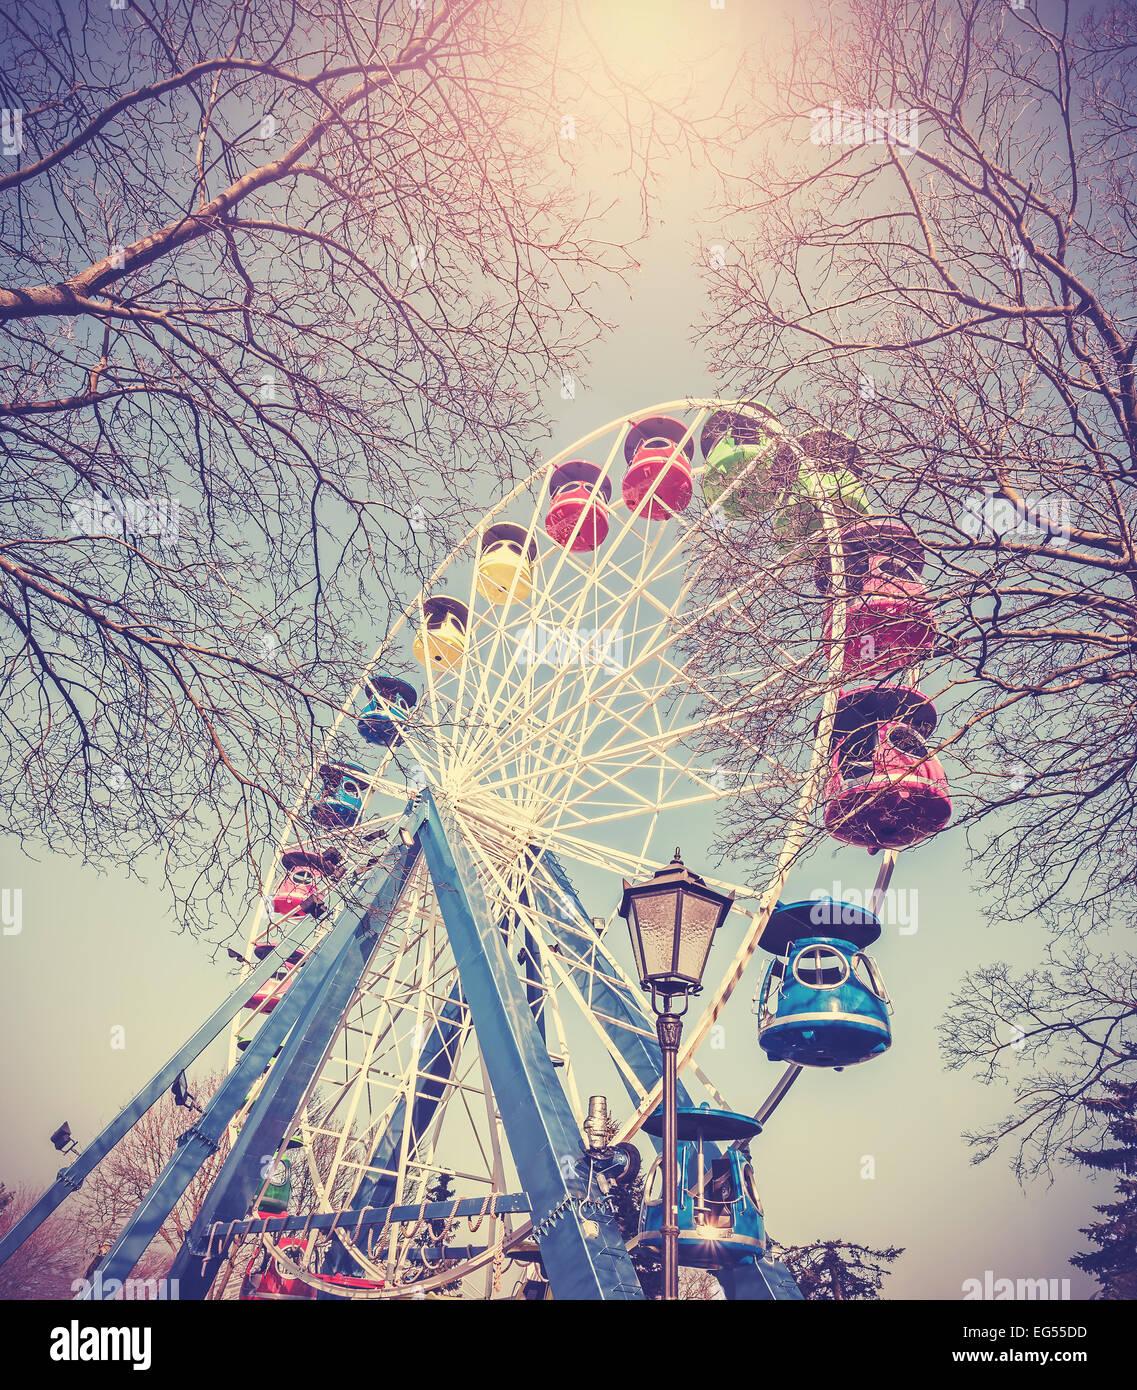 Retro Vintage immagine filtrata della ruota panoramica Ferris in un parco. Immagini Stock